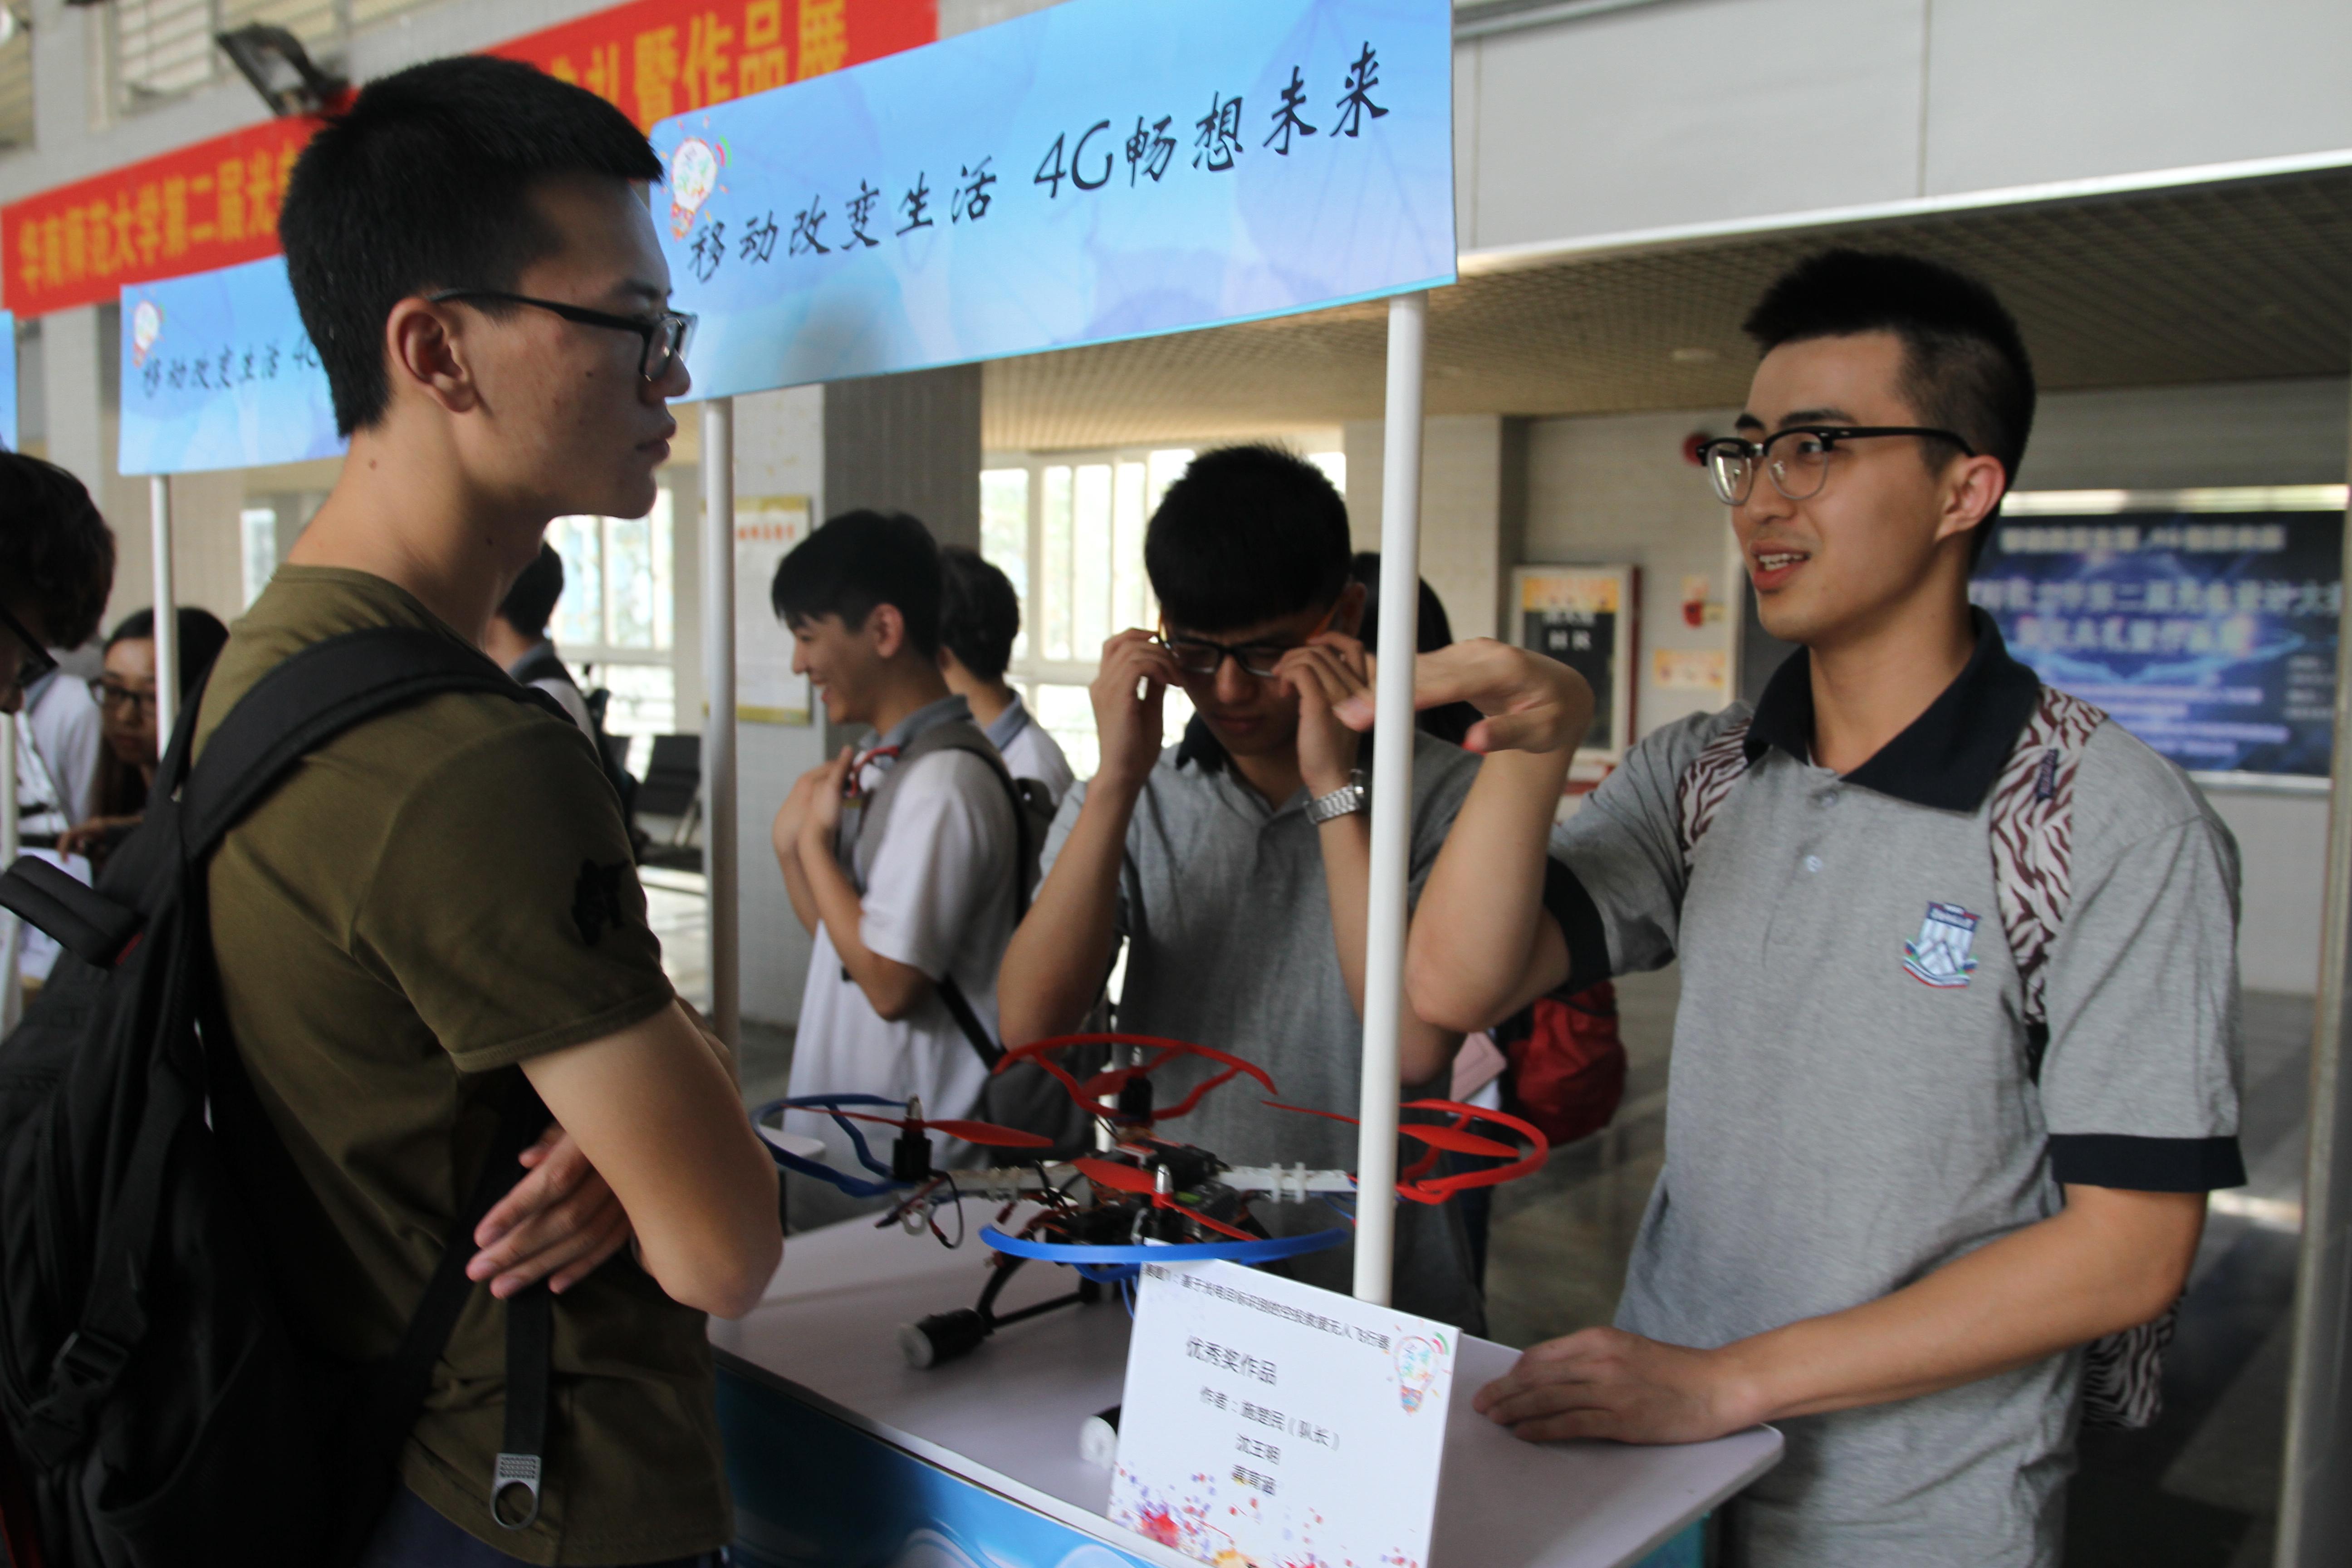 作品展现场:参赛选手为同学们讲解作品设计.JPG